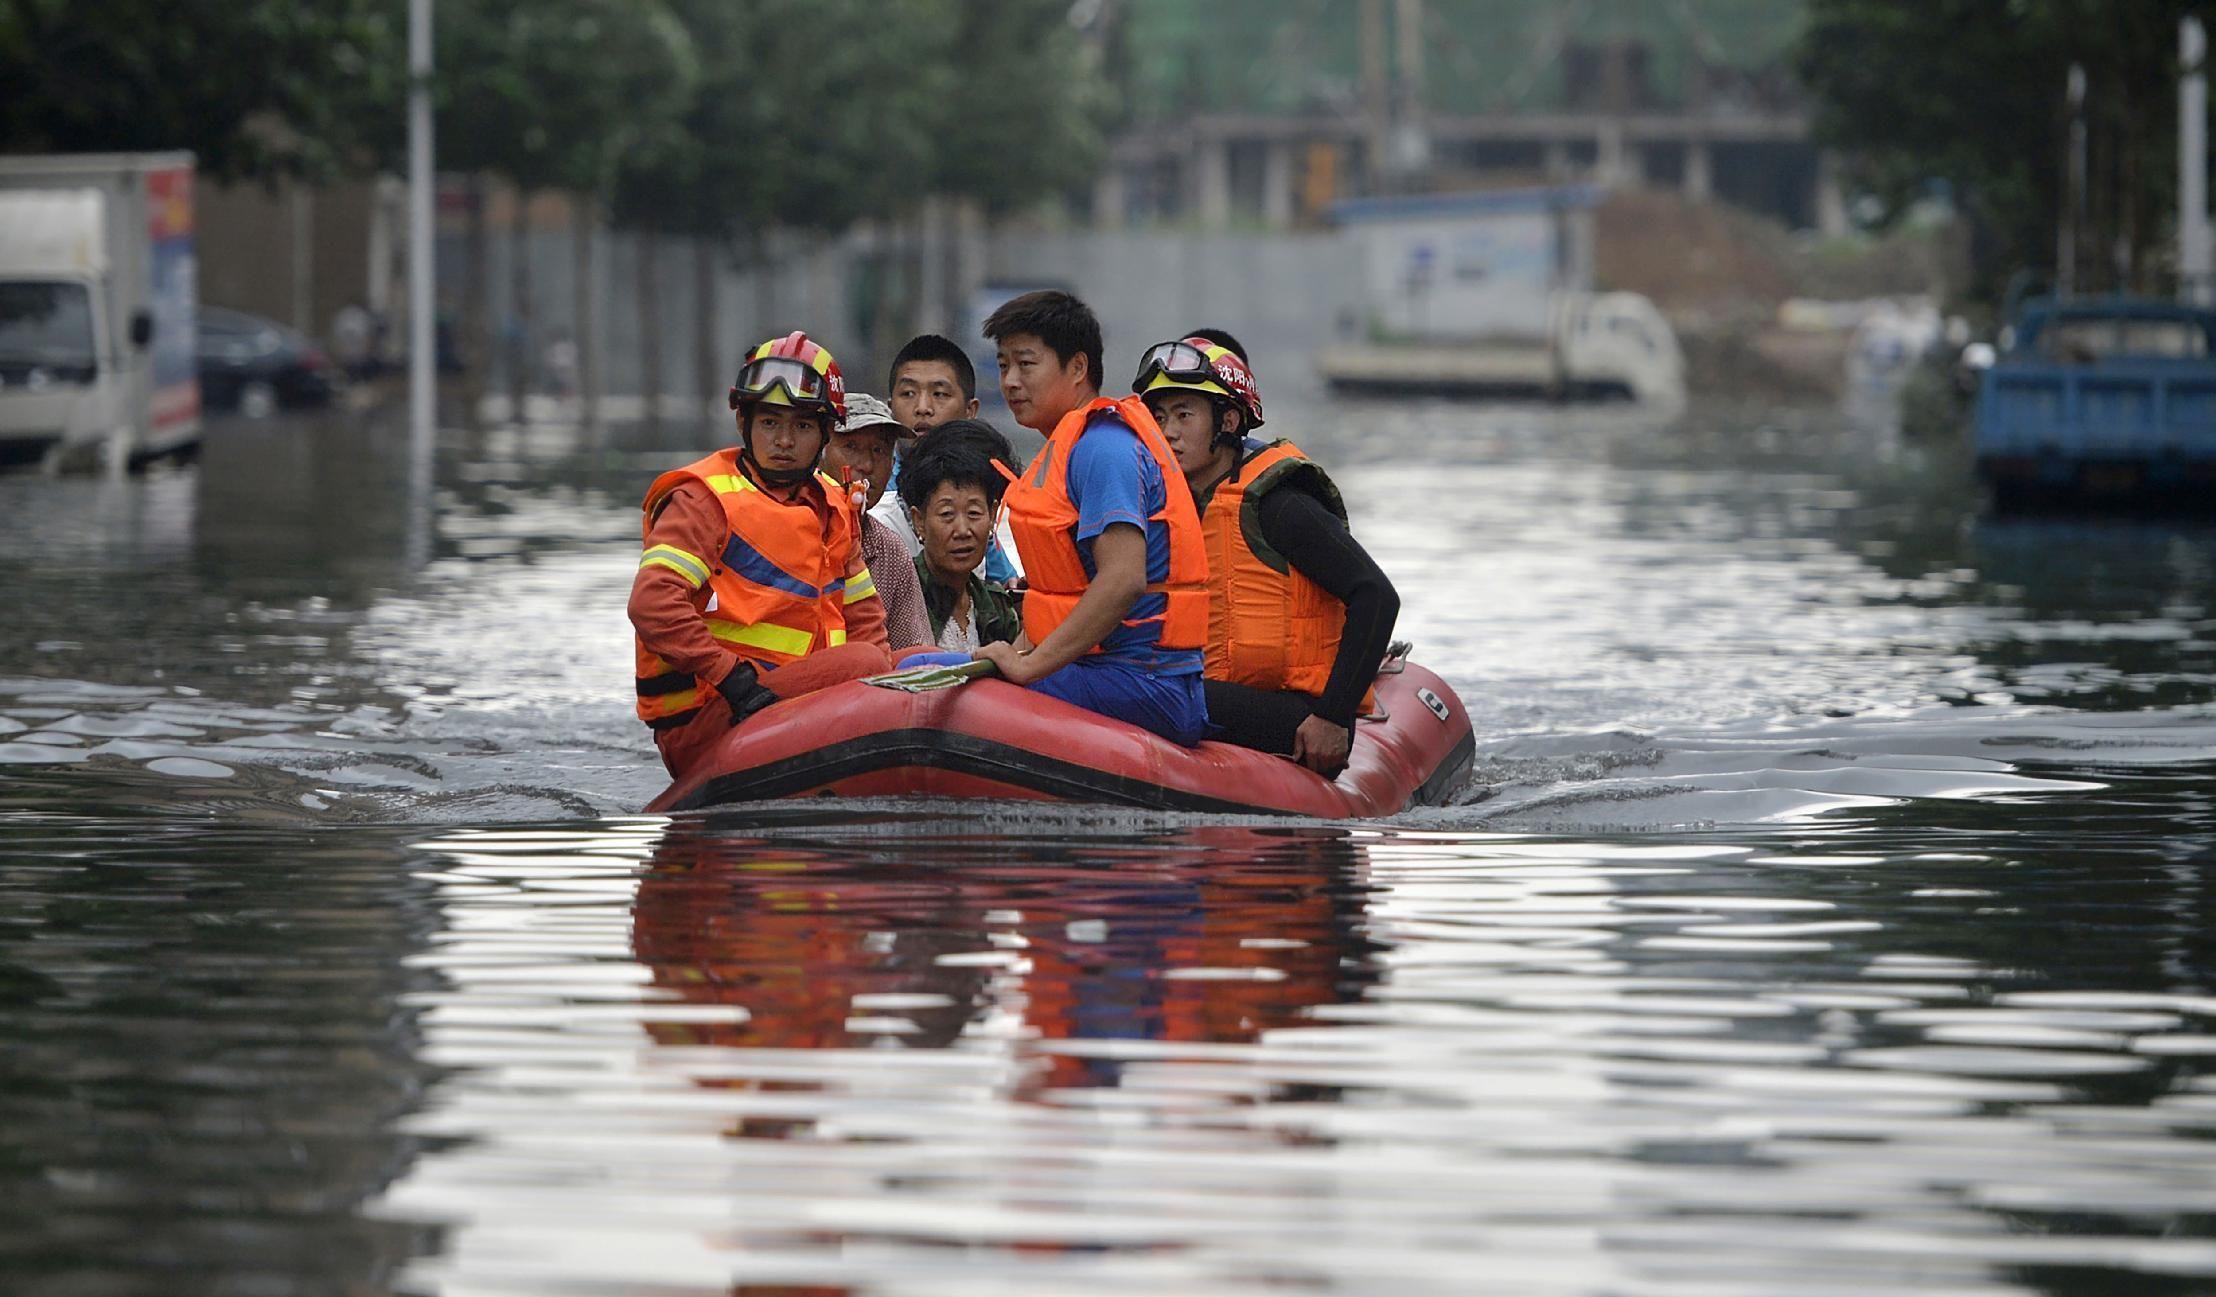 BEIJING (AP) — Cuatro funcionarios locales fueron suspendidos por responder de manera inadecuada a las inundaciones de la semana pasada en la que 114 personas murieron y otras 111 están desaparecidas, informaron las autoridades provinciales del norte de China.